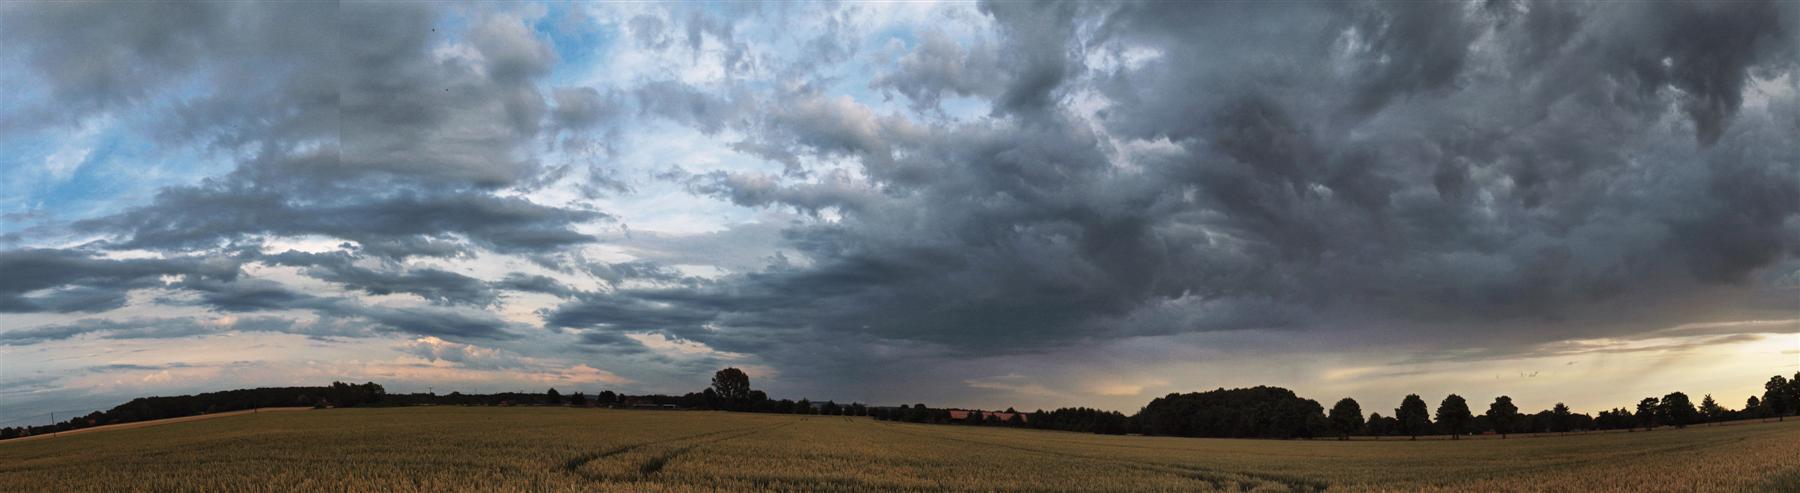 Der Sturm vor der Ruhe....